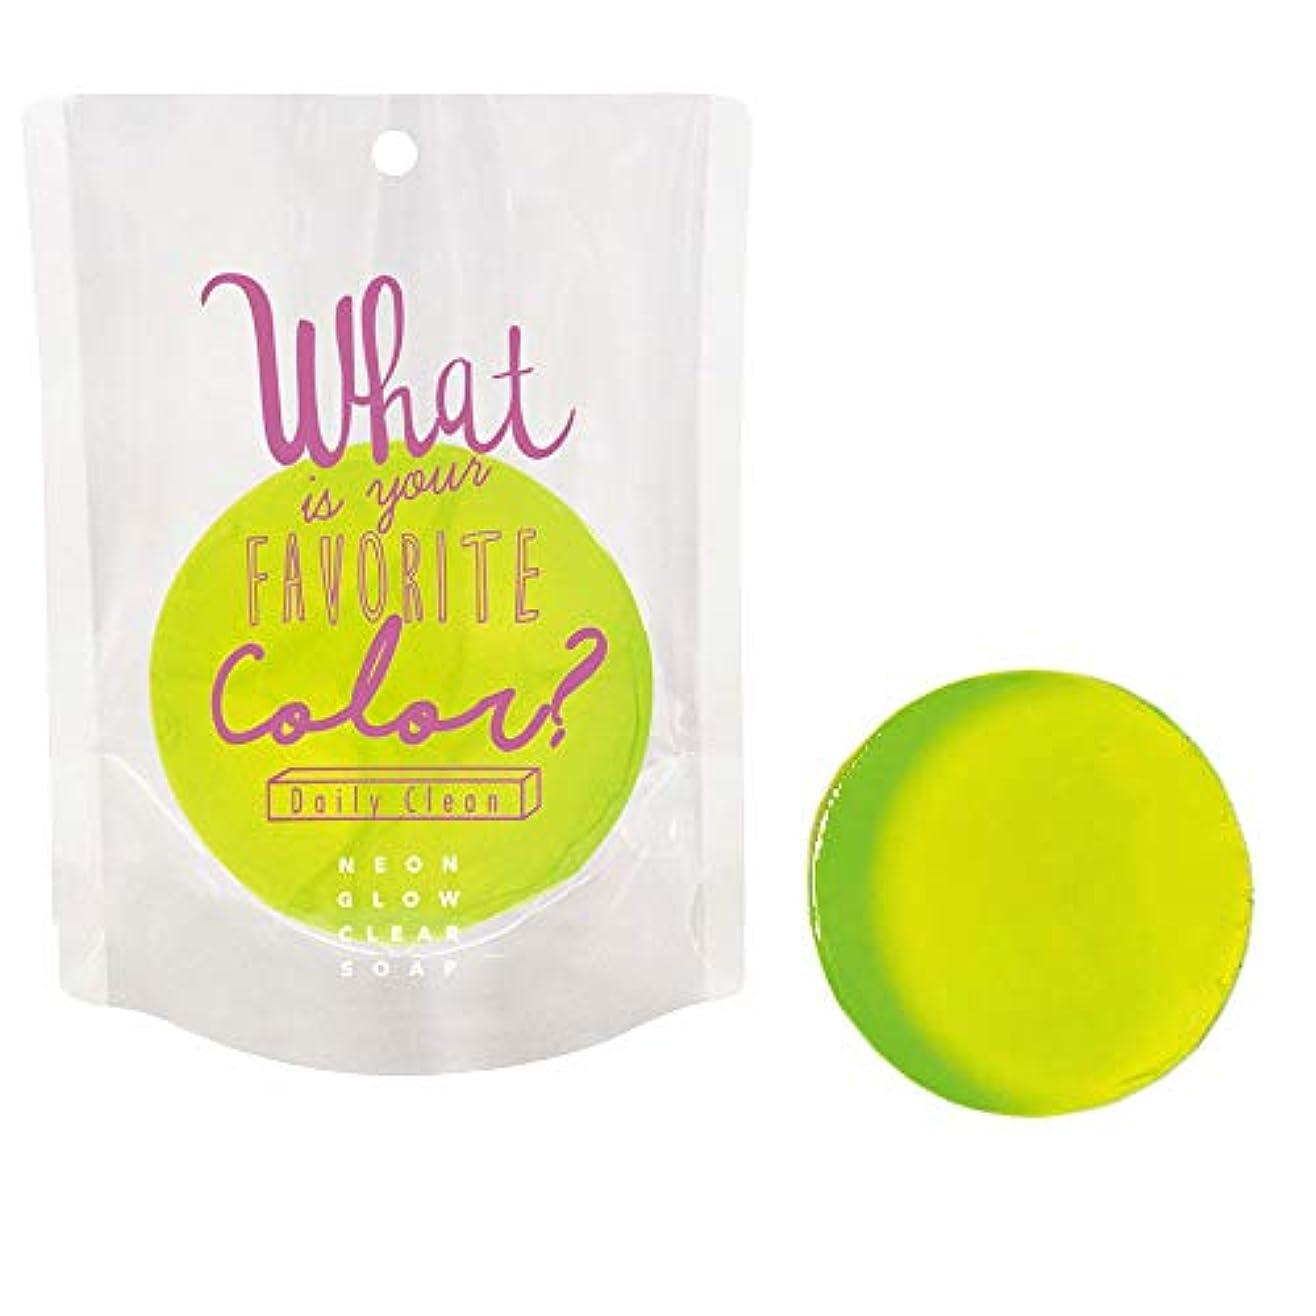 切断するダイアクリティカルくちばしネオングロークリアソープ ob-ngw-2-1-4(02/パパイヤ) Neon Glow Clear Soap 石鹸 ノルコーポレーション 固形 せっけん カラフル 香り 清潔 ギフト プレゼント